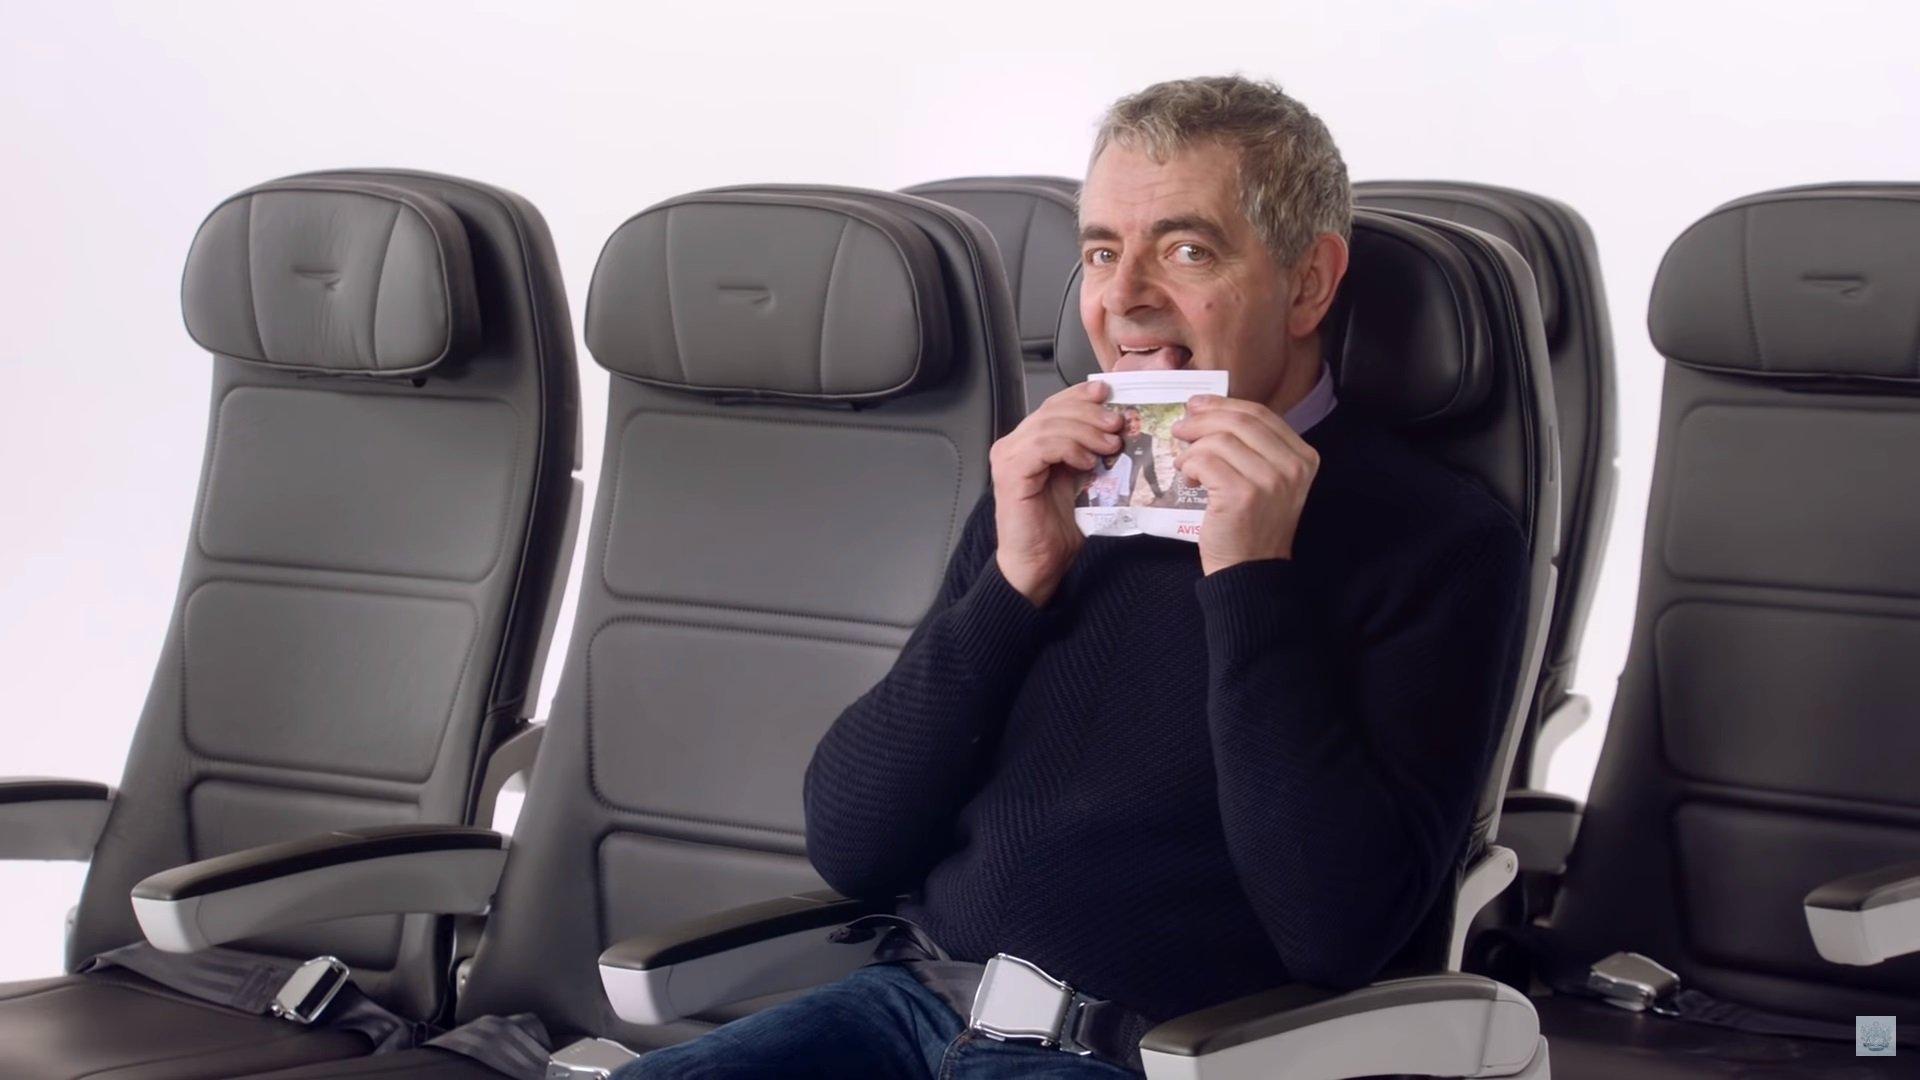 rowan atkinson airways safety video случайные обзоры отвратительные мужики disgusting men